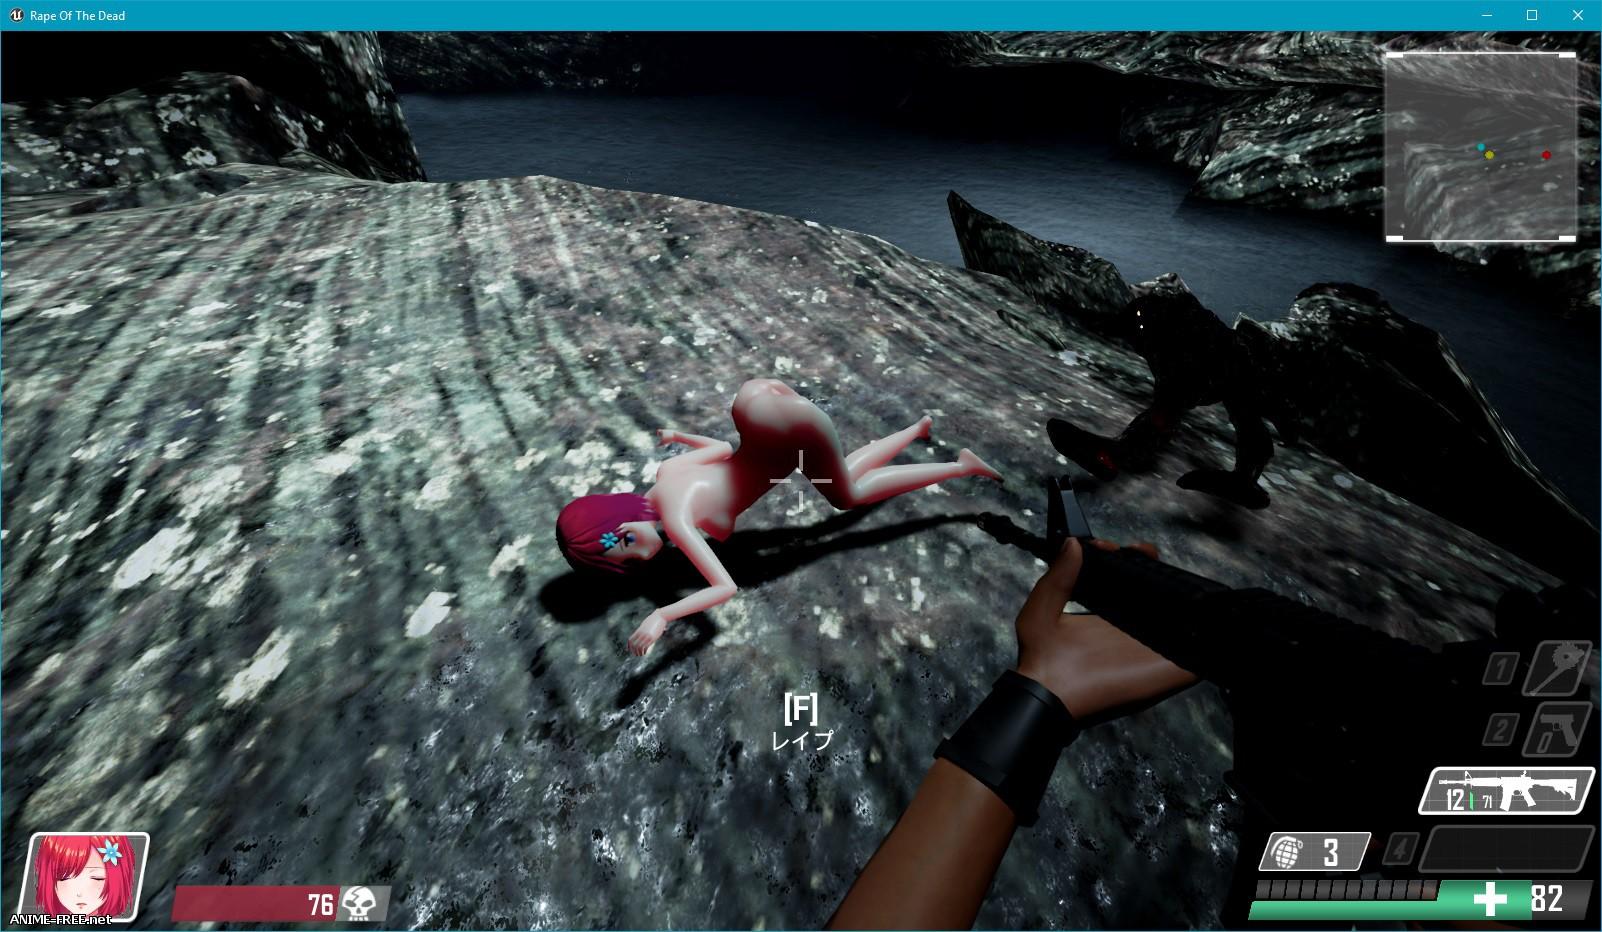 Rape of the Dead [2017] [Cen] [3D, FPS, ADV] [ENG] H-Game